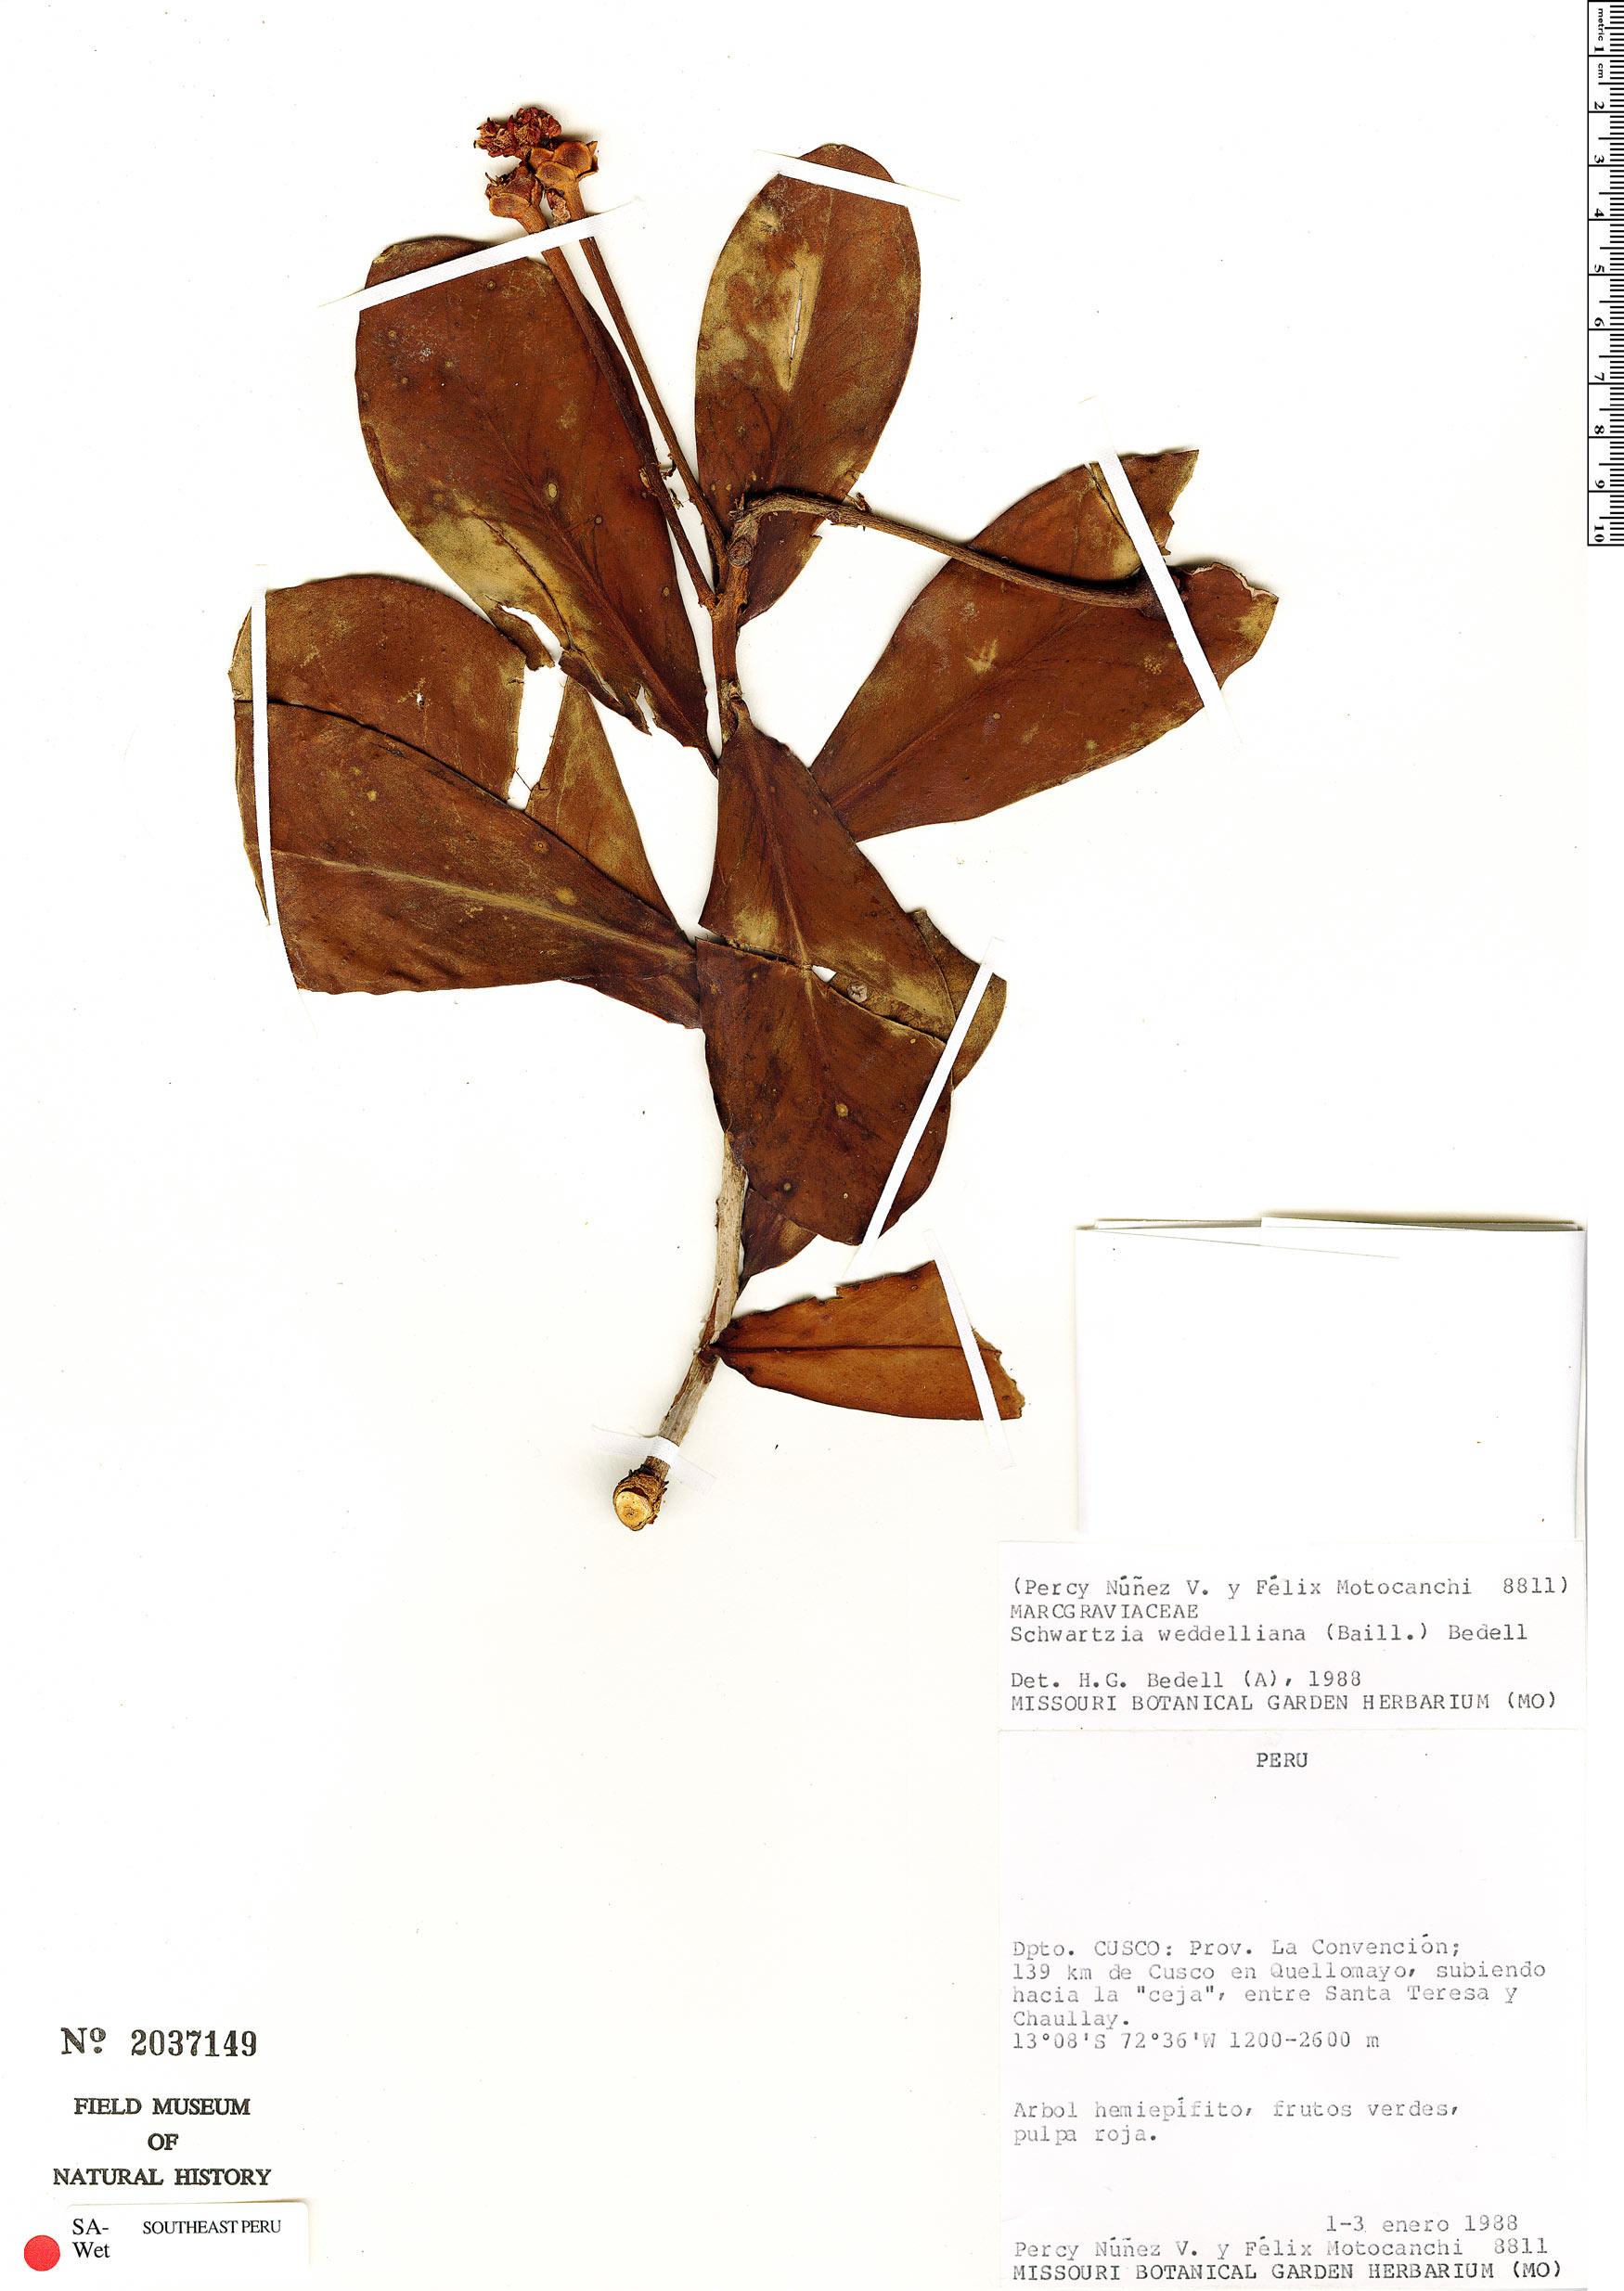 Specimen: Schwartzia weddelliana